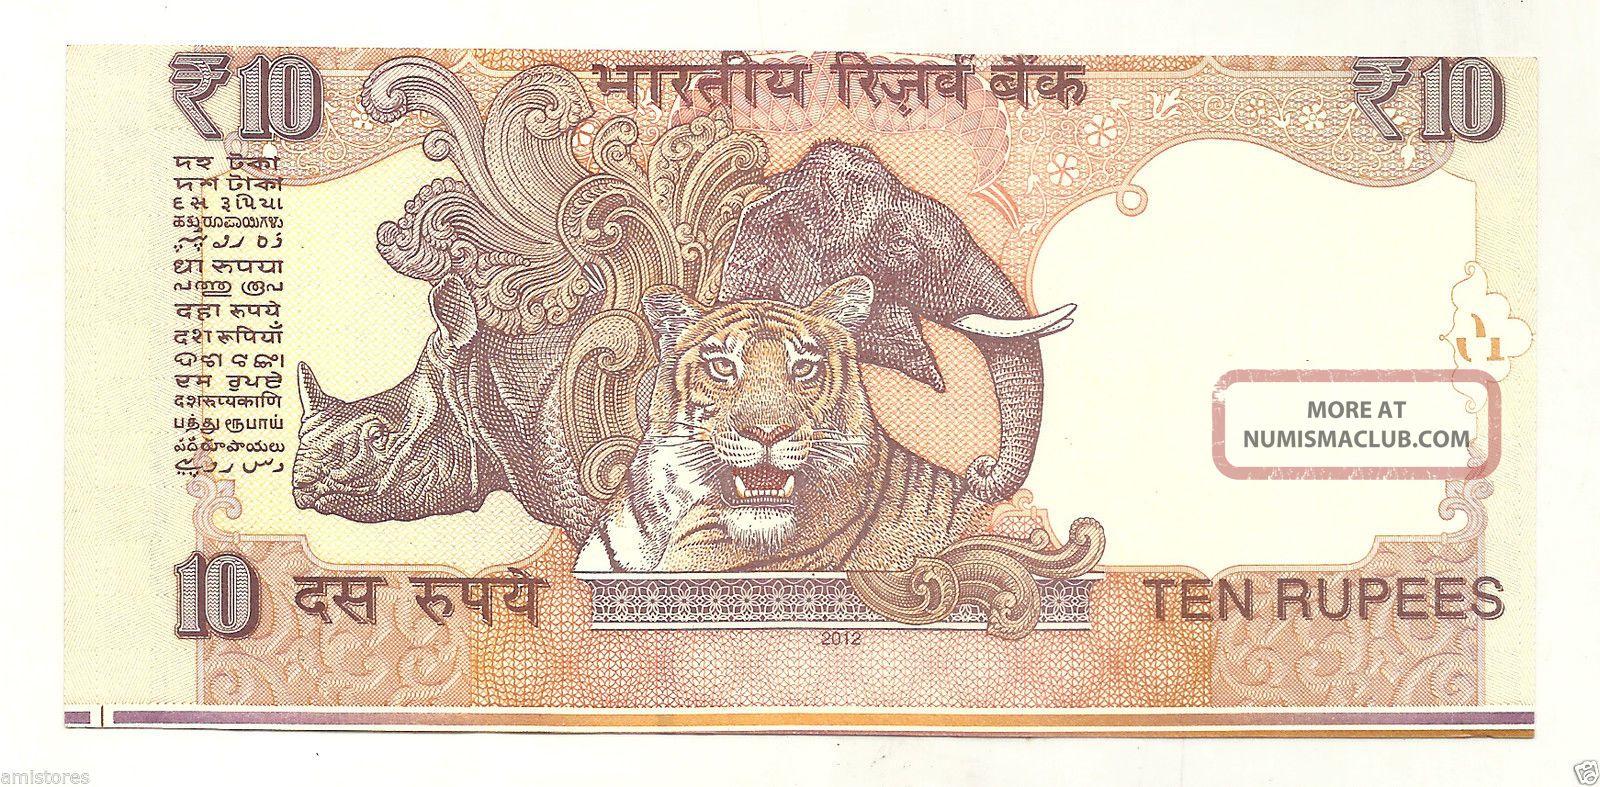 India Rs. 10 Rupees Misprint & Cutting Error 2012 Gandhi